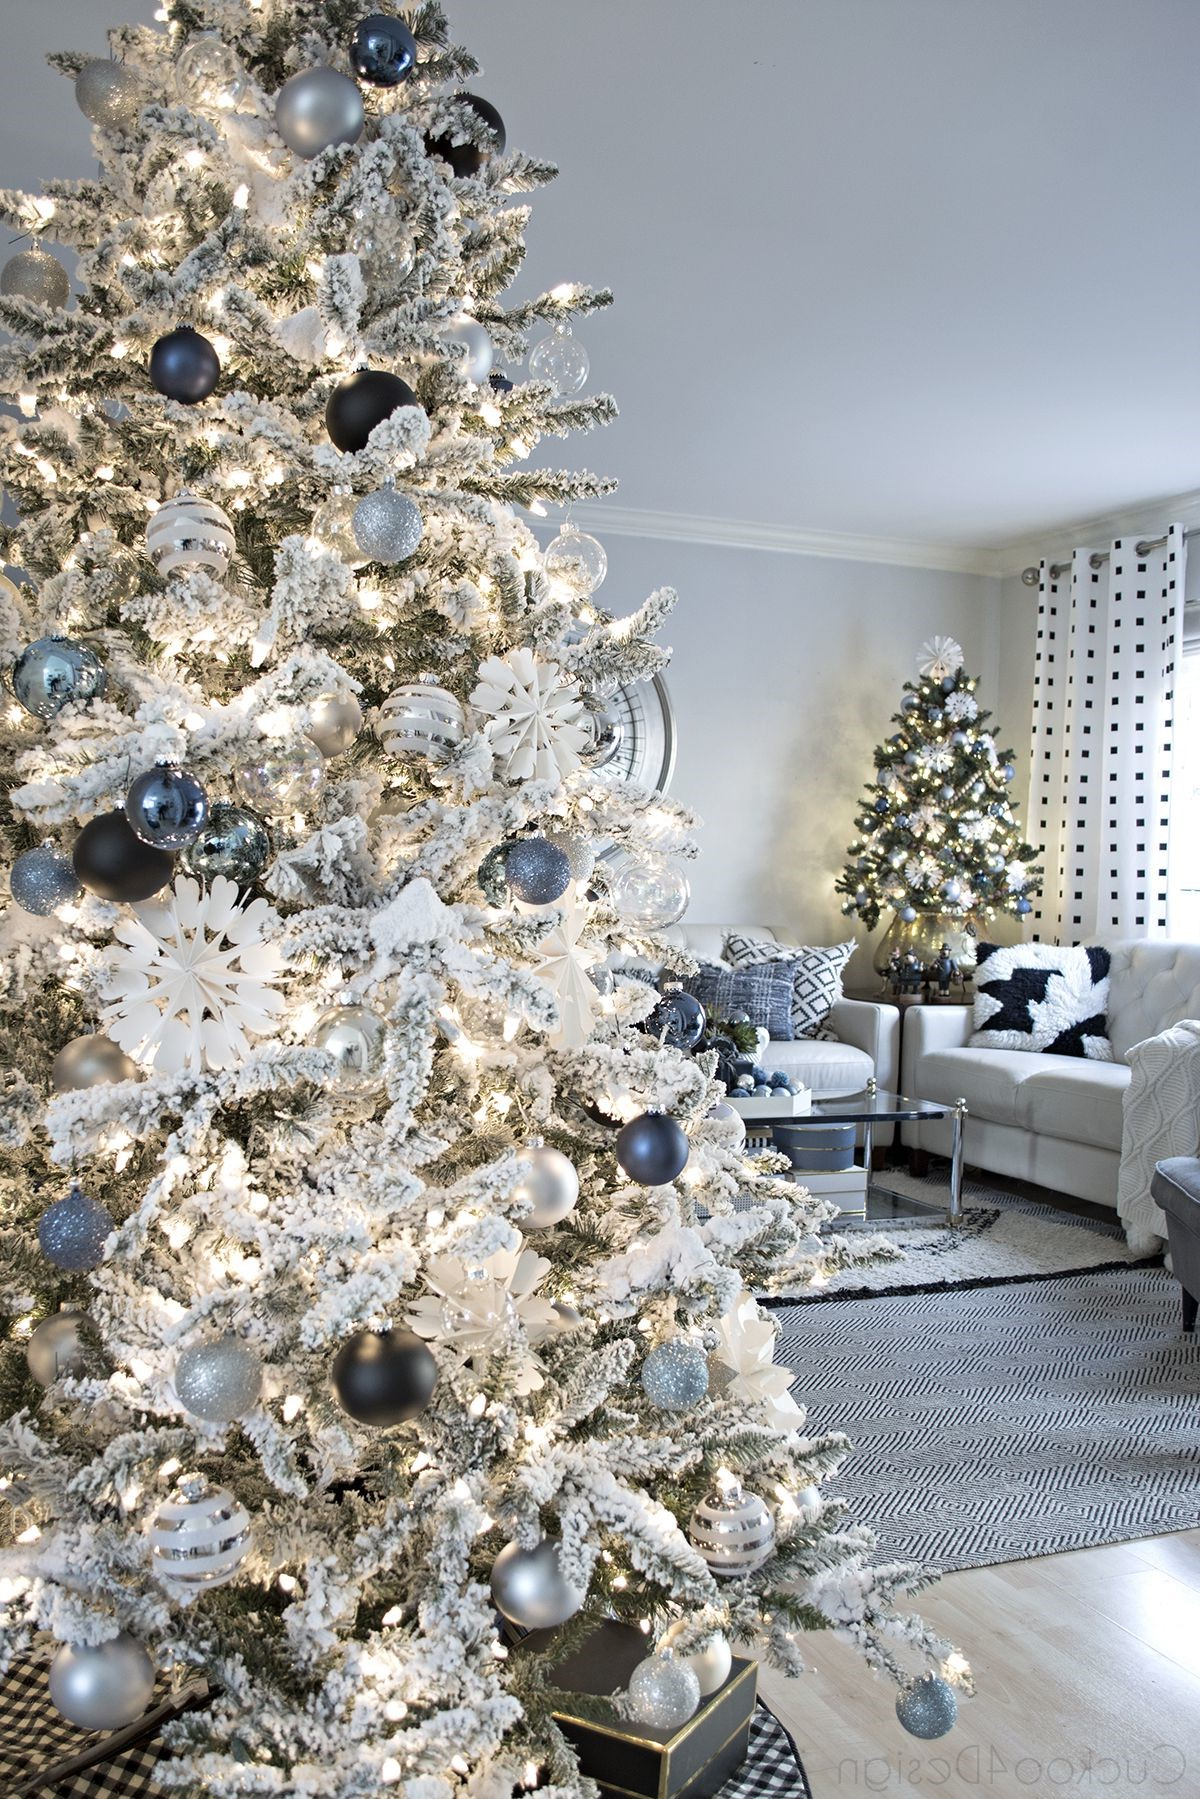 Arbre de Noël en blanc avec des éléments métalliques bleus et gris.